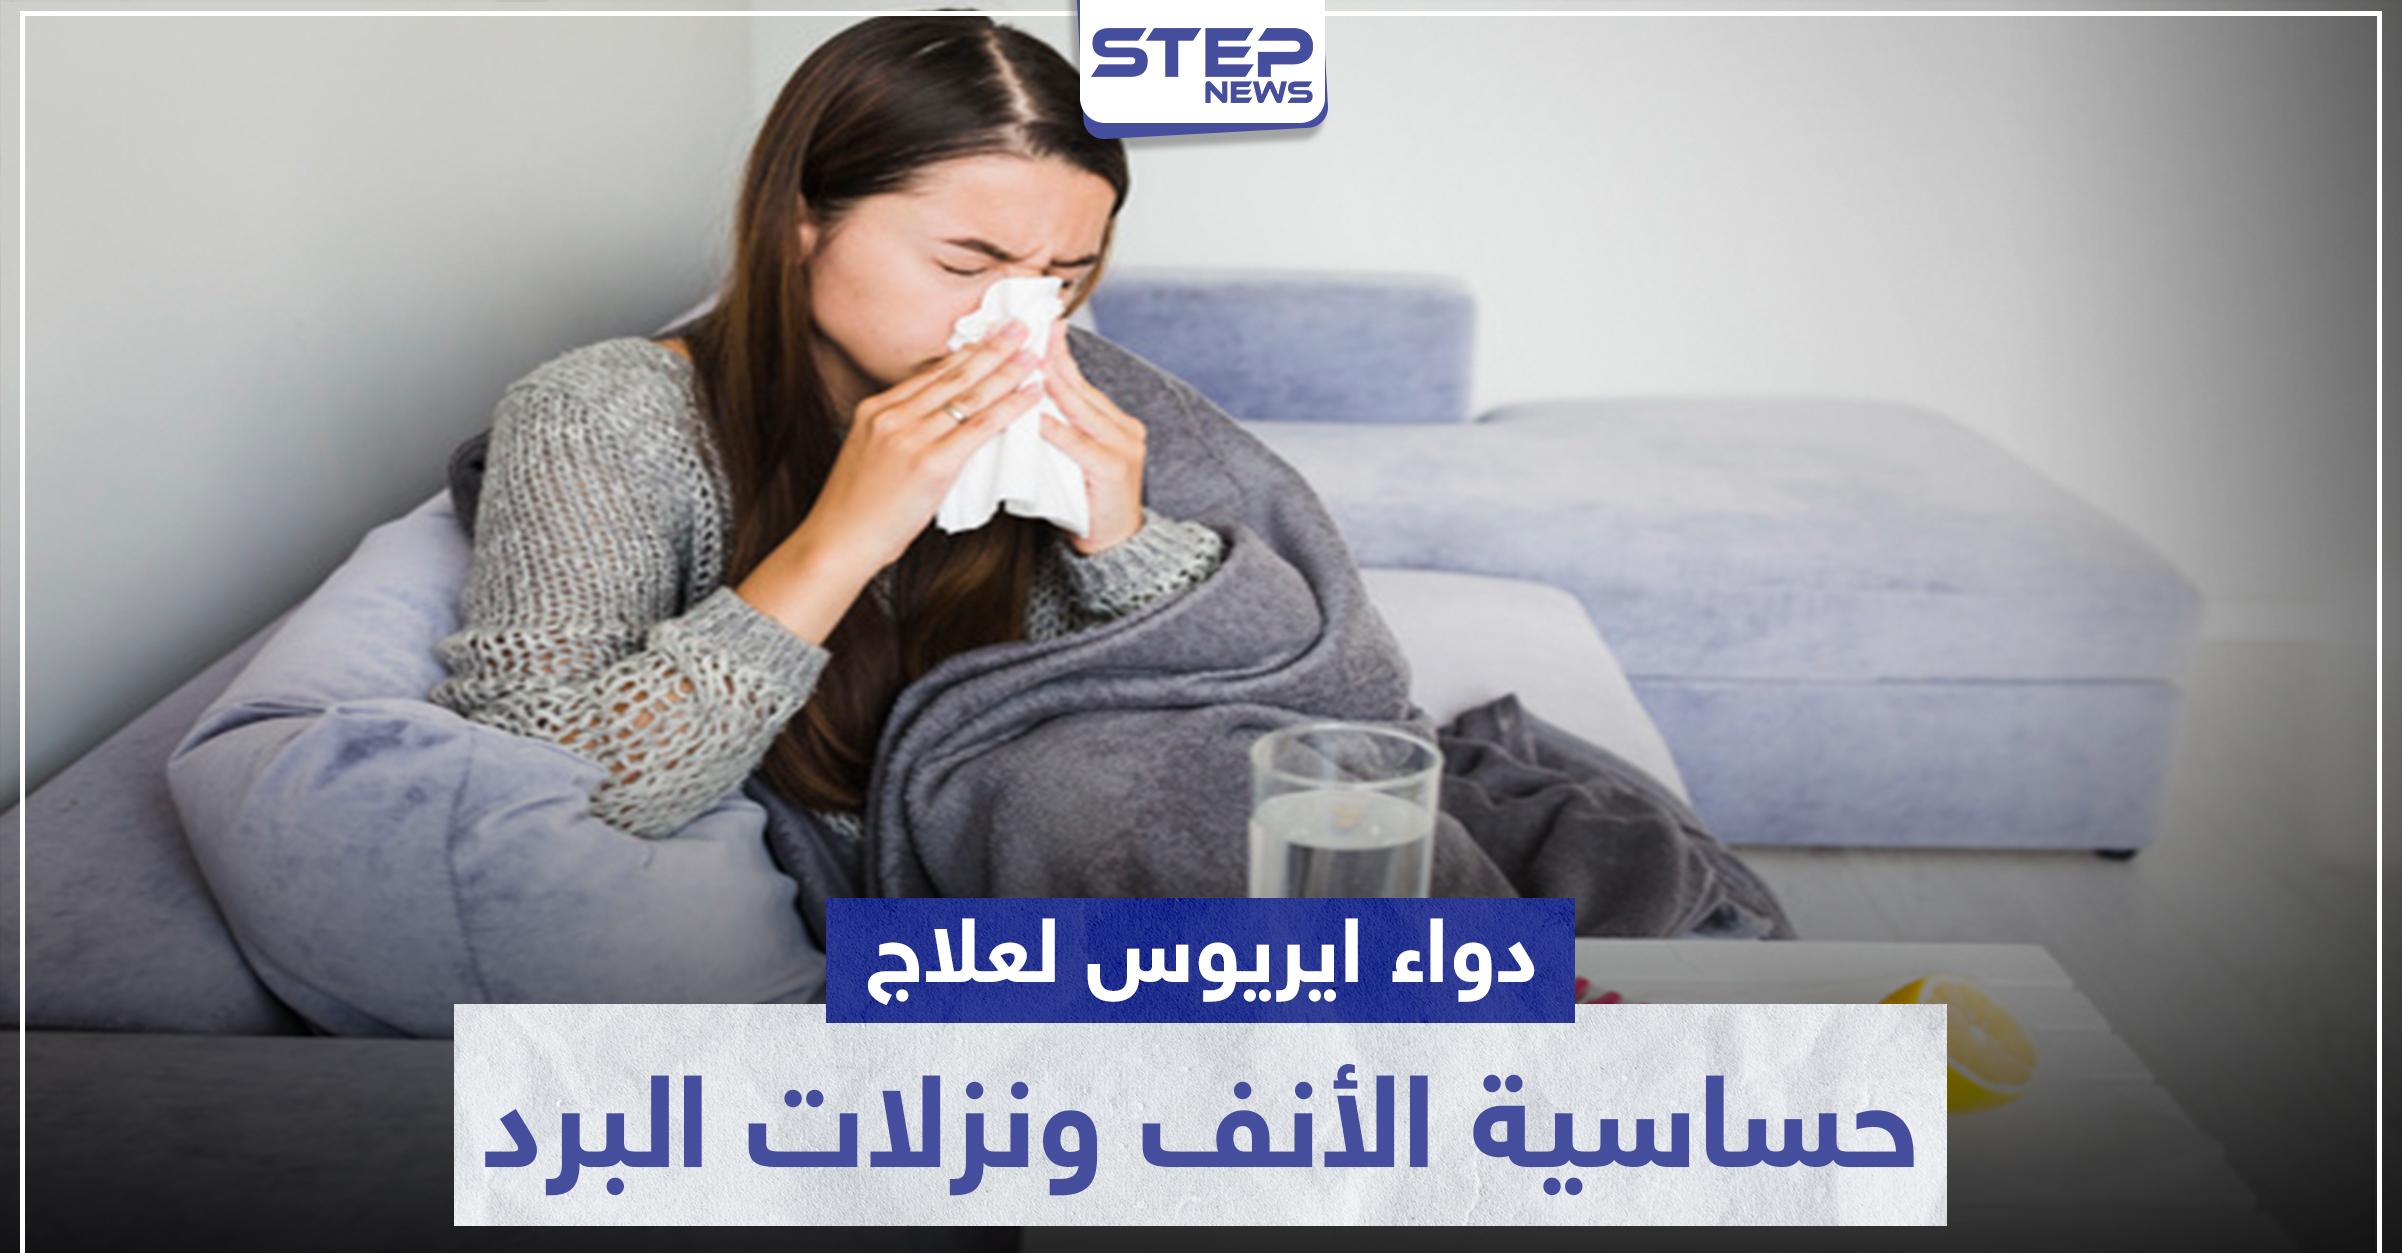 دواء aerius لعلاج حساسية الأنف ونزلات البرد